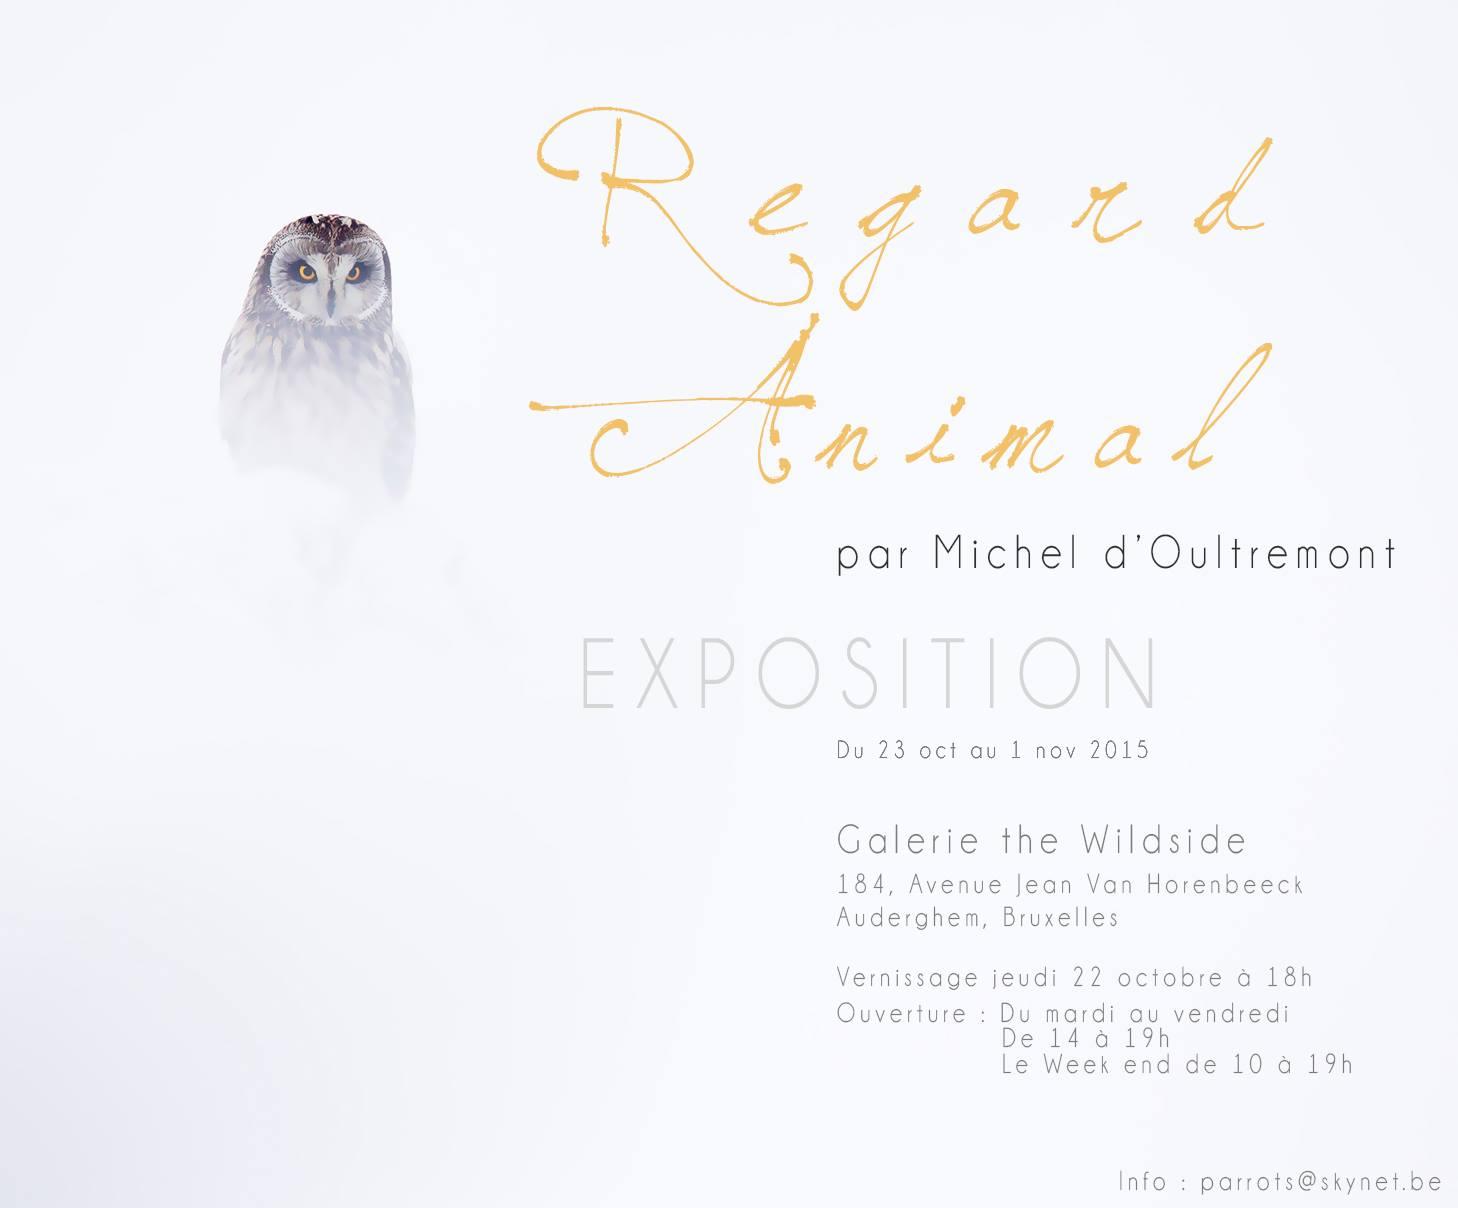 Exposition photographique Michel d'Oultremont